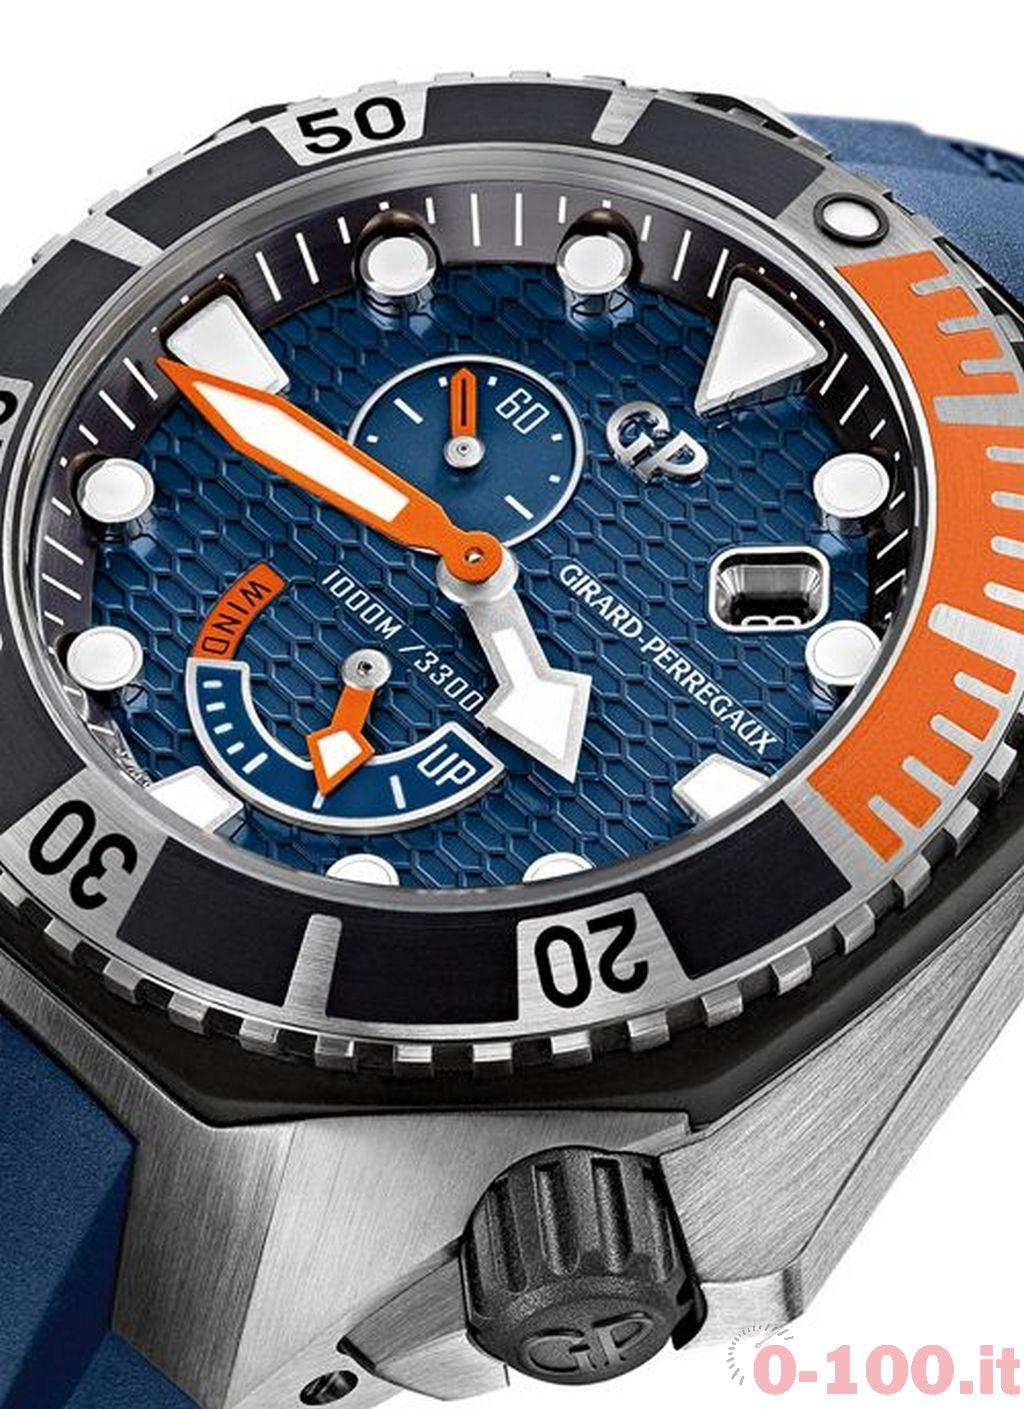 il-nuovo-girard-perregaux-sea-hawk-ref-49960-19-431-fk4a _0-1003